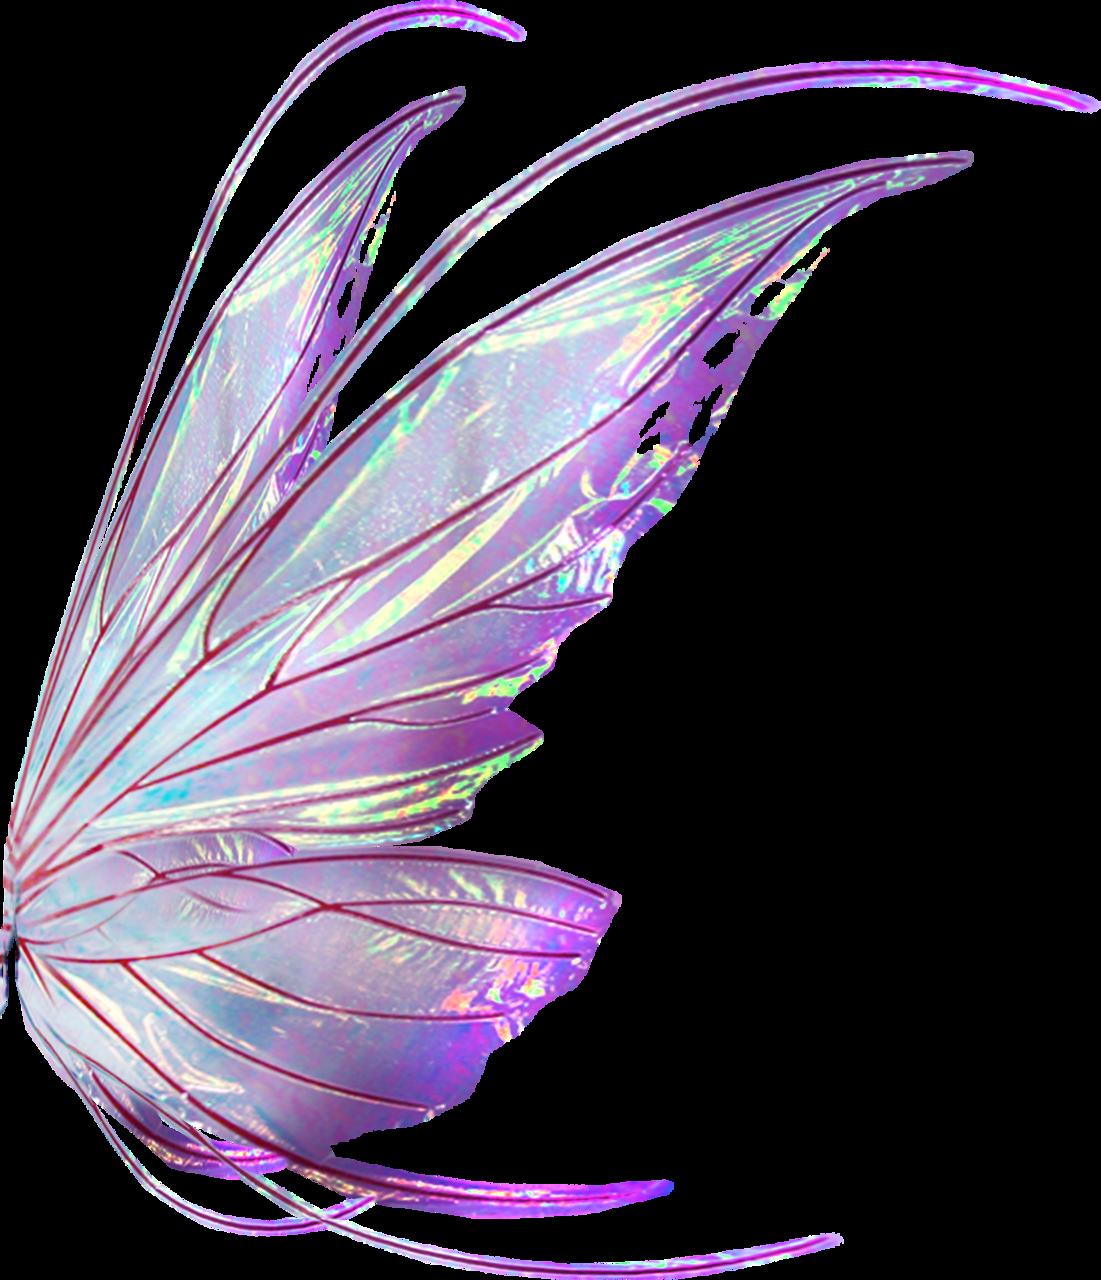 языка крылья для феи картинка относительно компактное